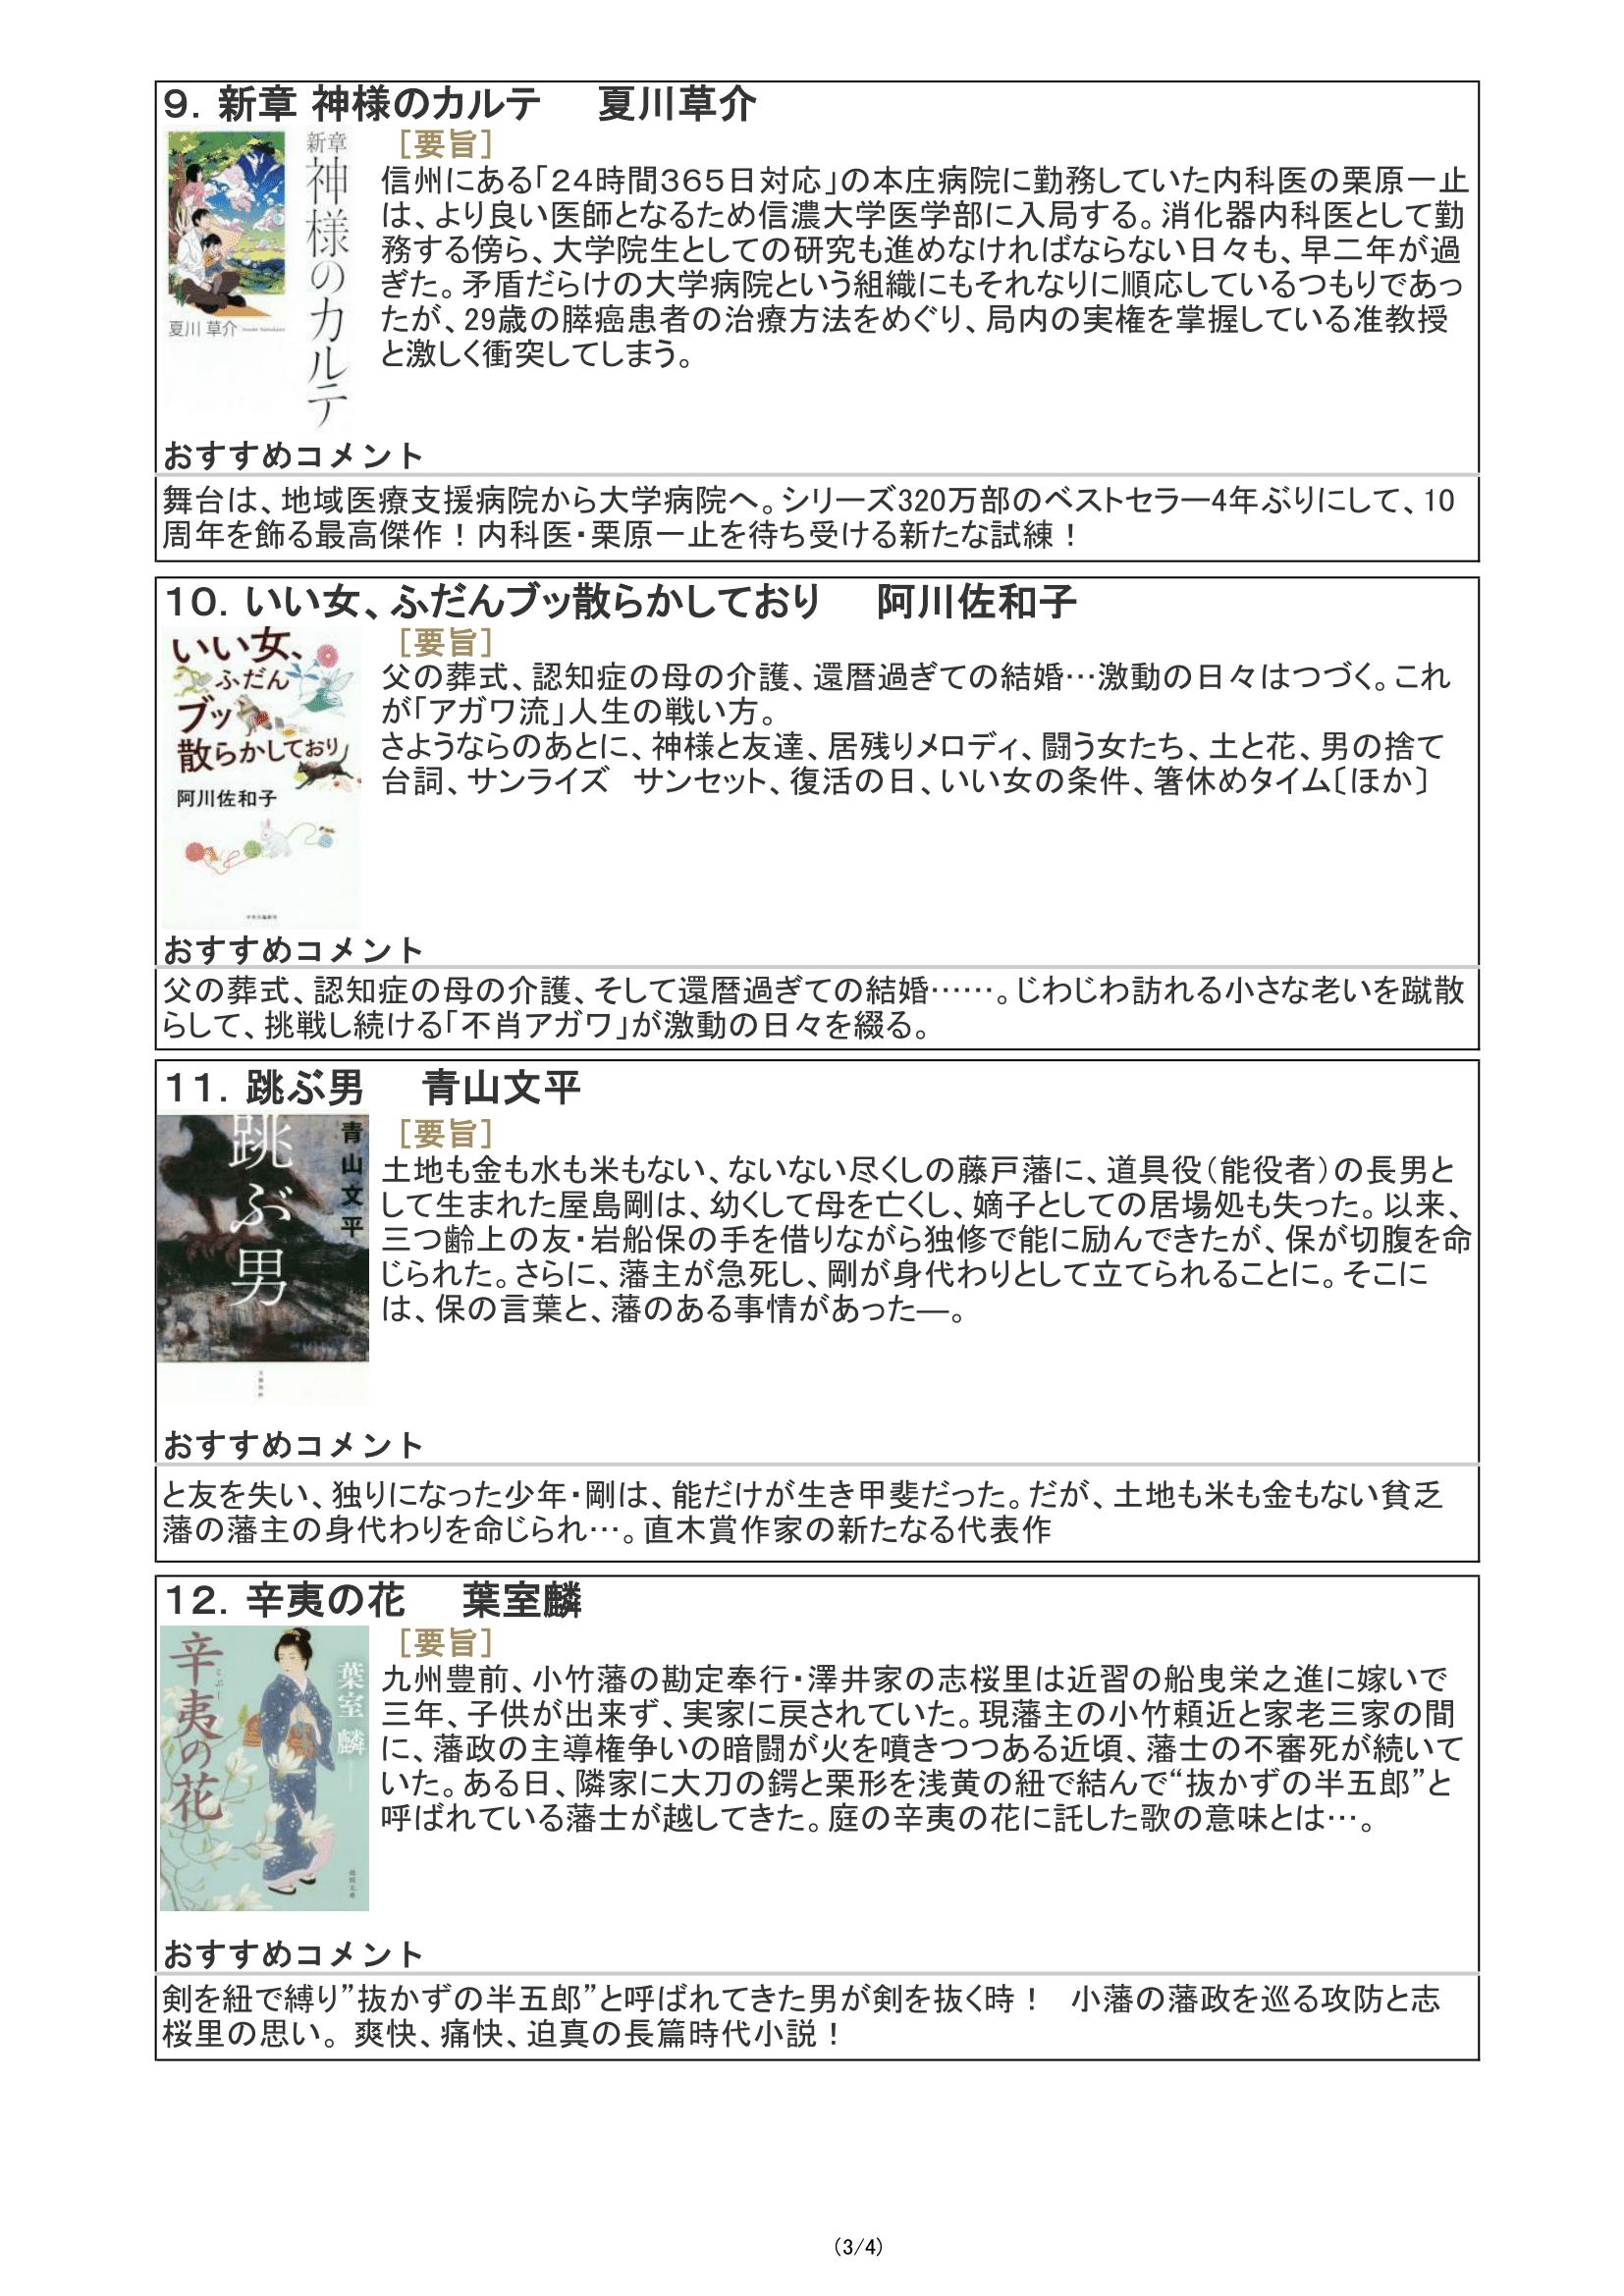 配架本紹介2019年3月分-3